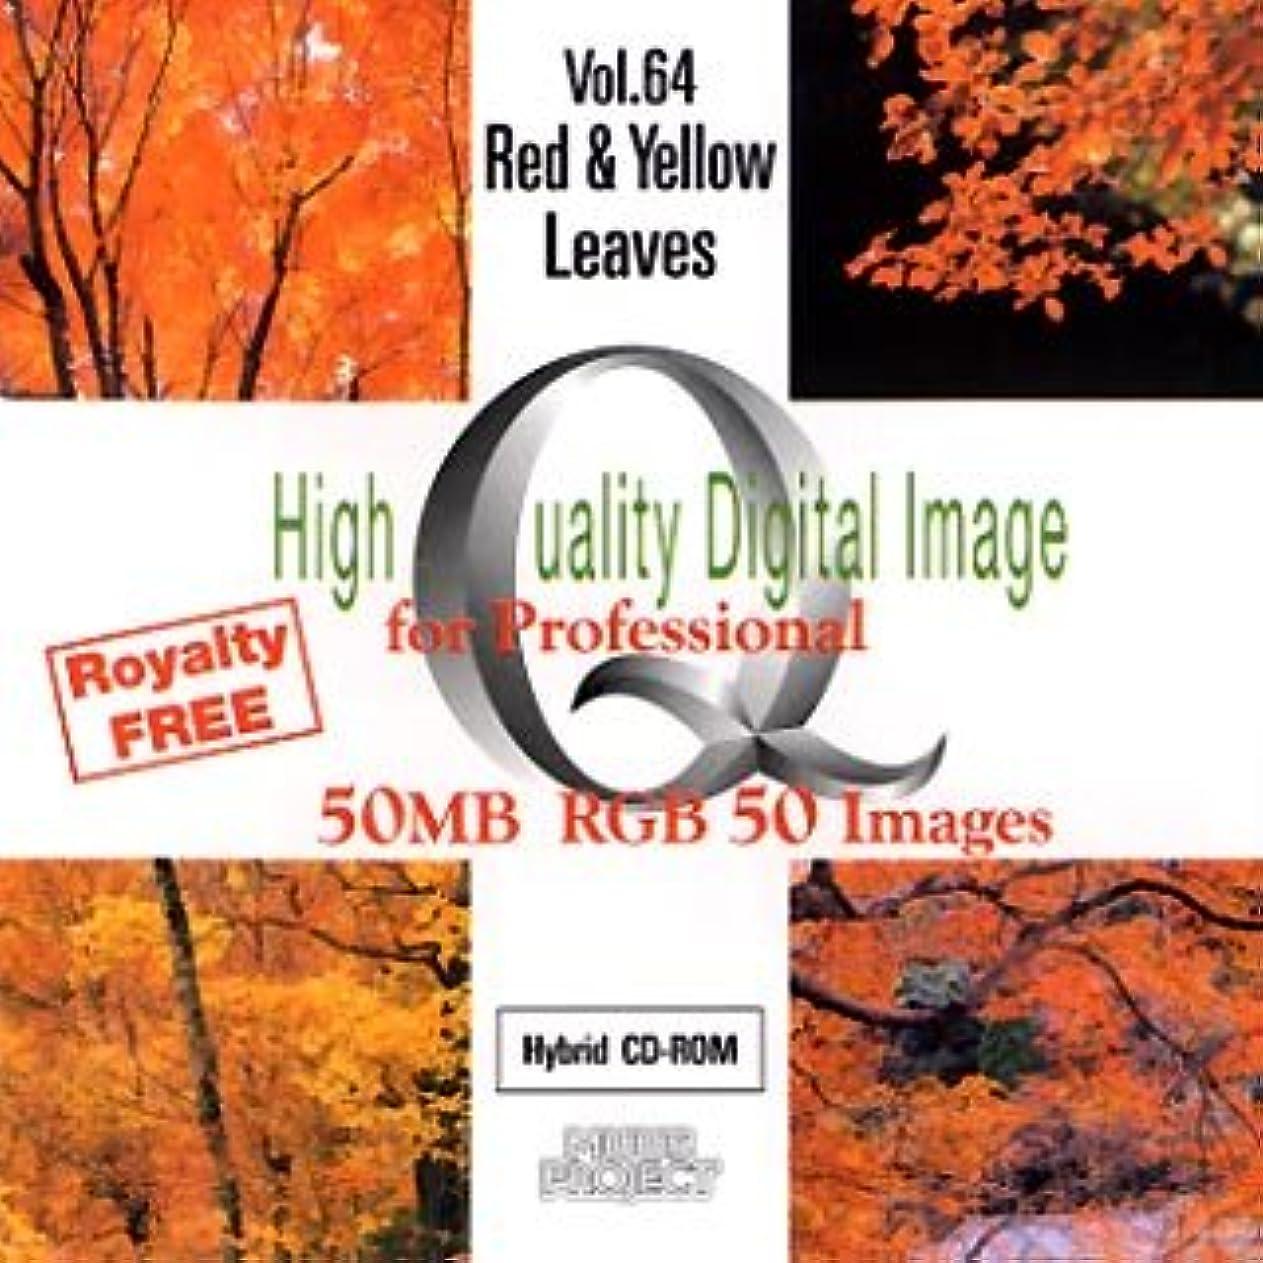 生物学キャメル手錠High Quality Digital Image for Professional Vol.64 Red & Yellow Leaves